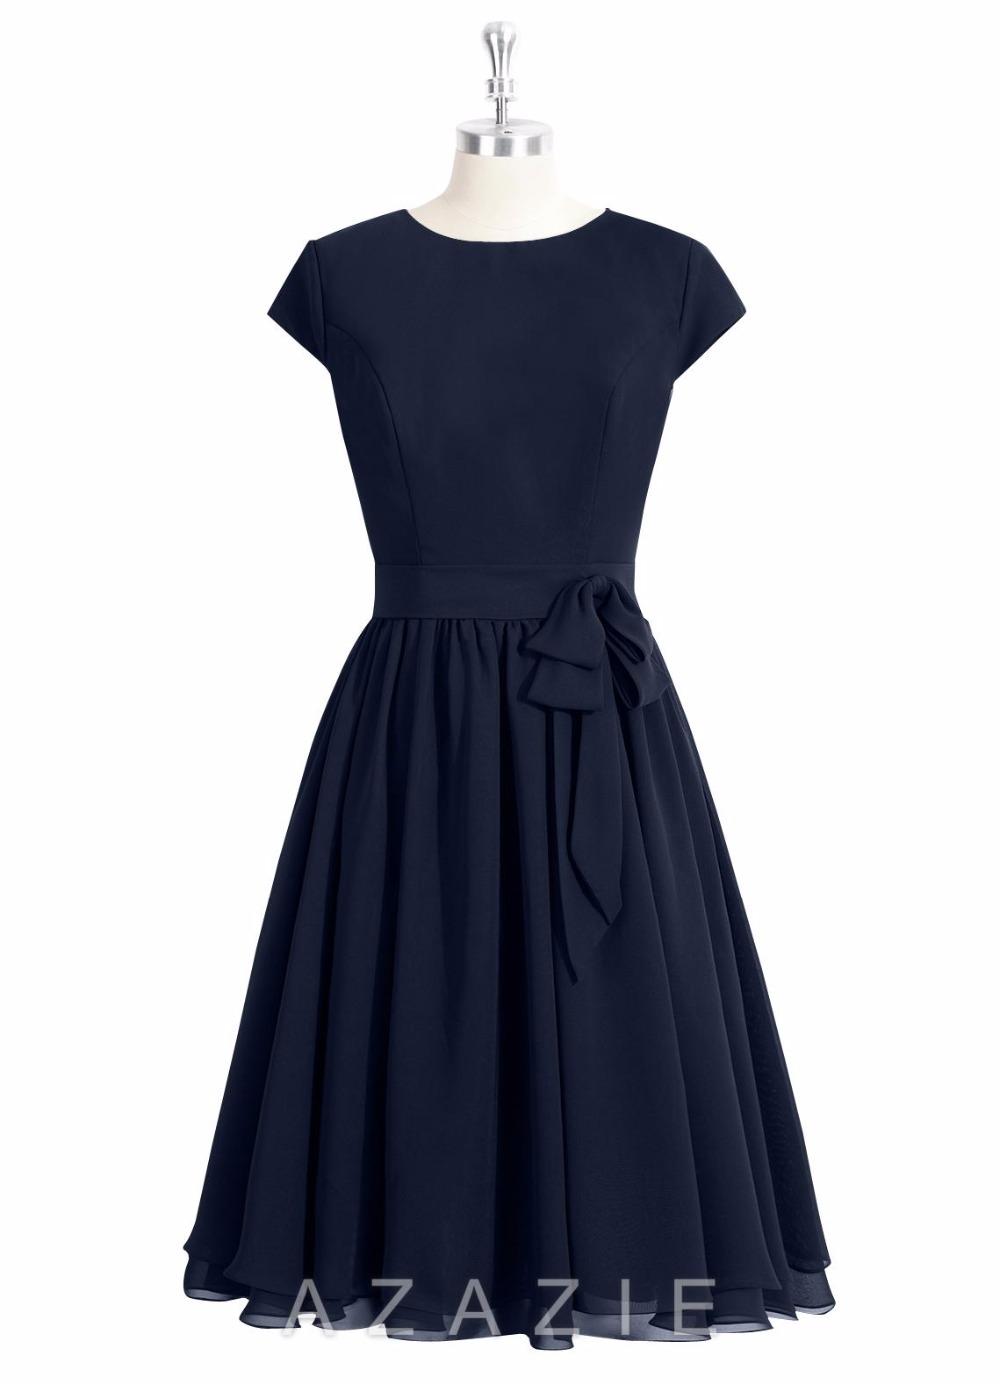 Achetez en gros marine bleu demoiselles d 39 honneur robes en ligne des grossistes marine bleu - Robe demoiselle d honneur bleu marine ...